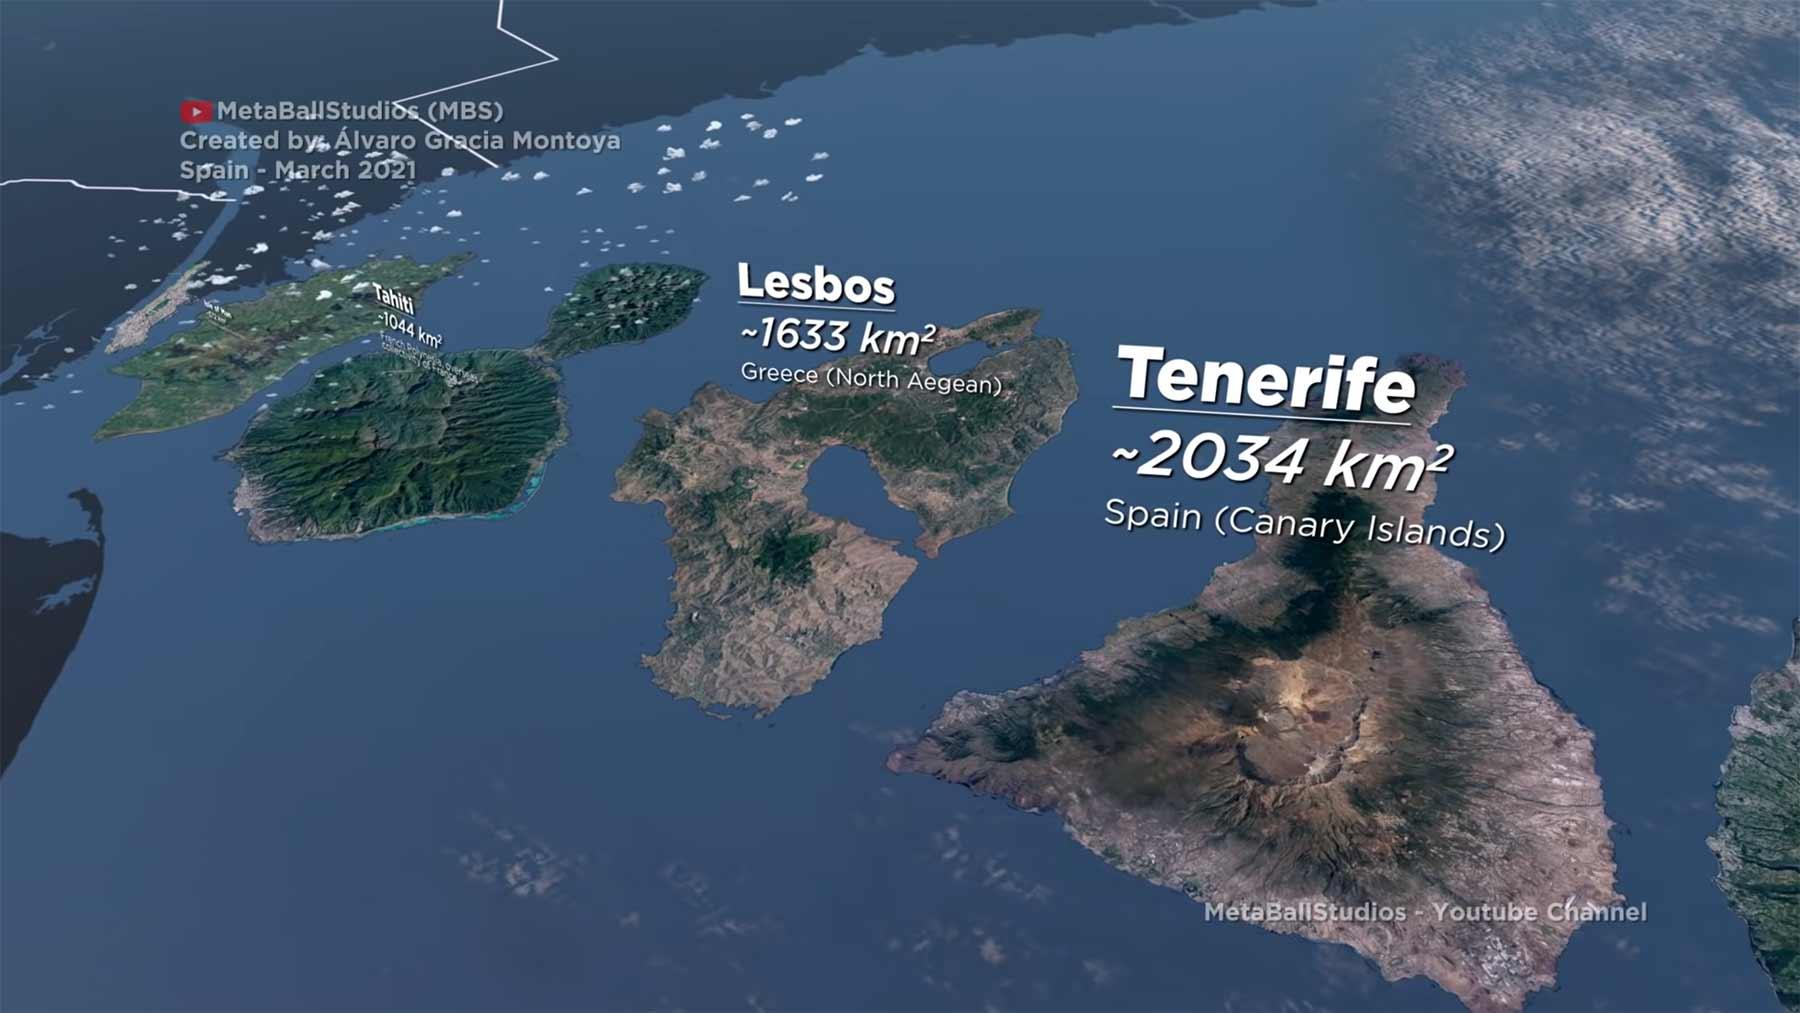 Inseln im Größenvergleich dargestellt inseln-nach-groesse-sortiert